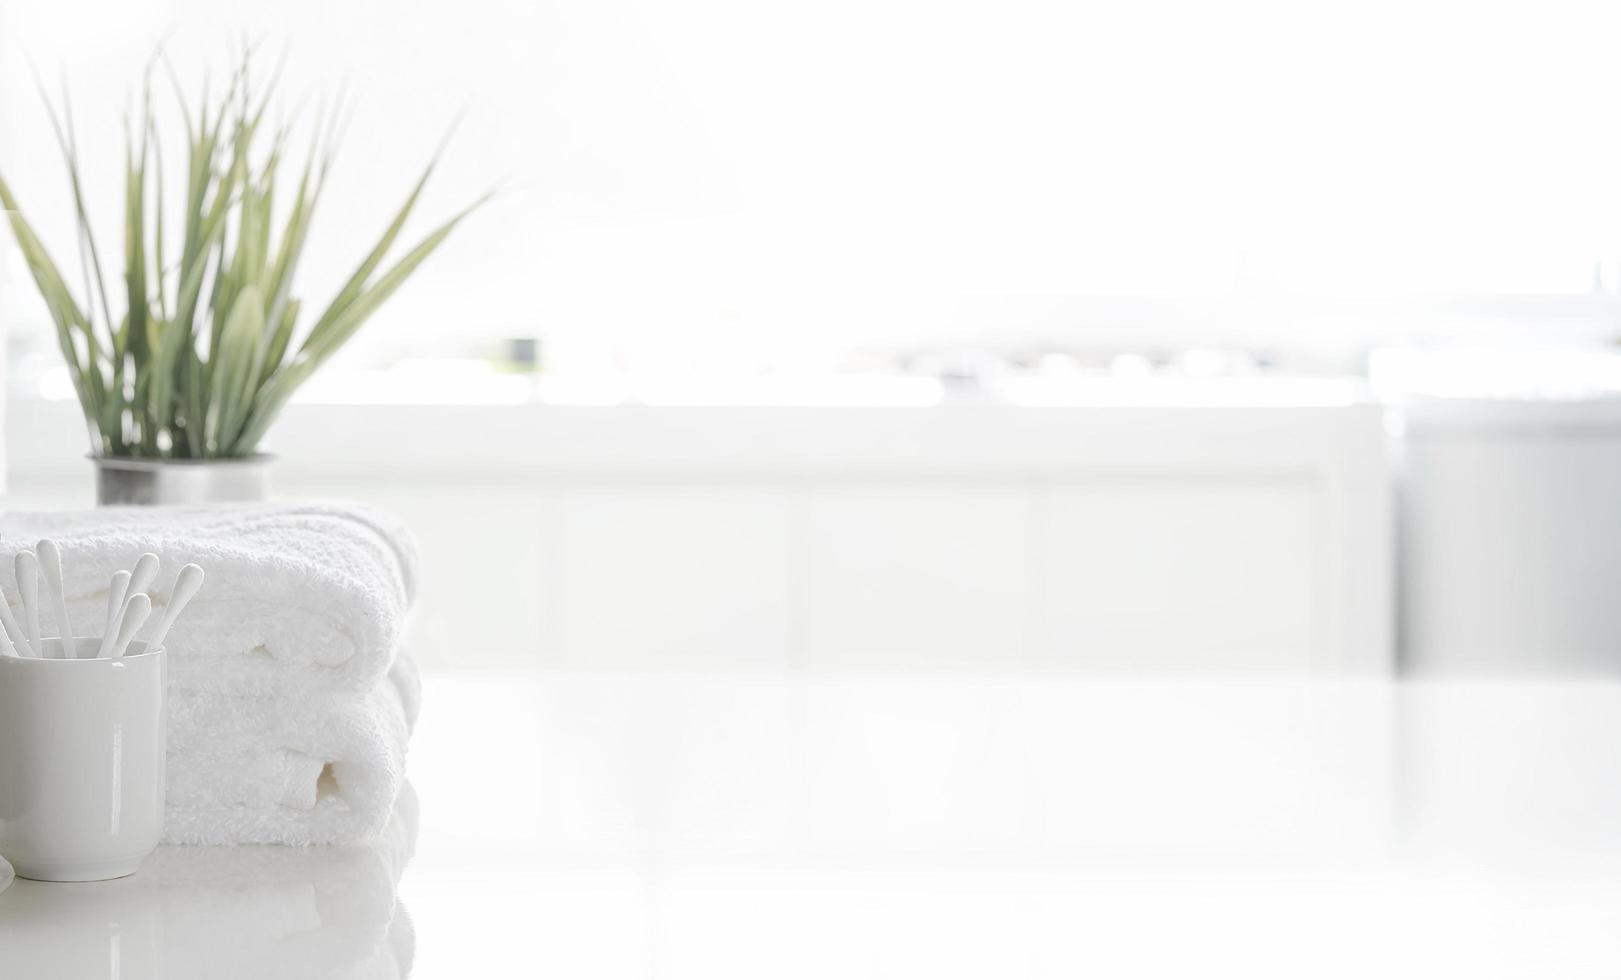 plante et serviettes sur une table photo